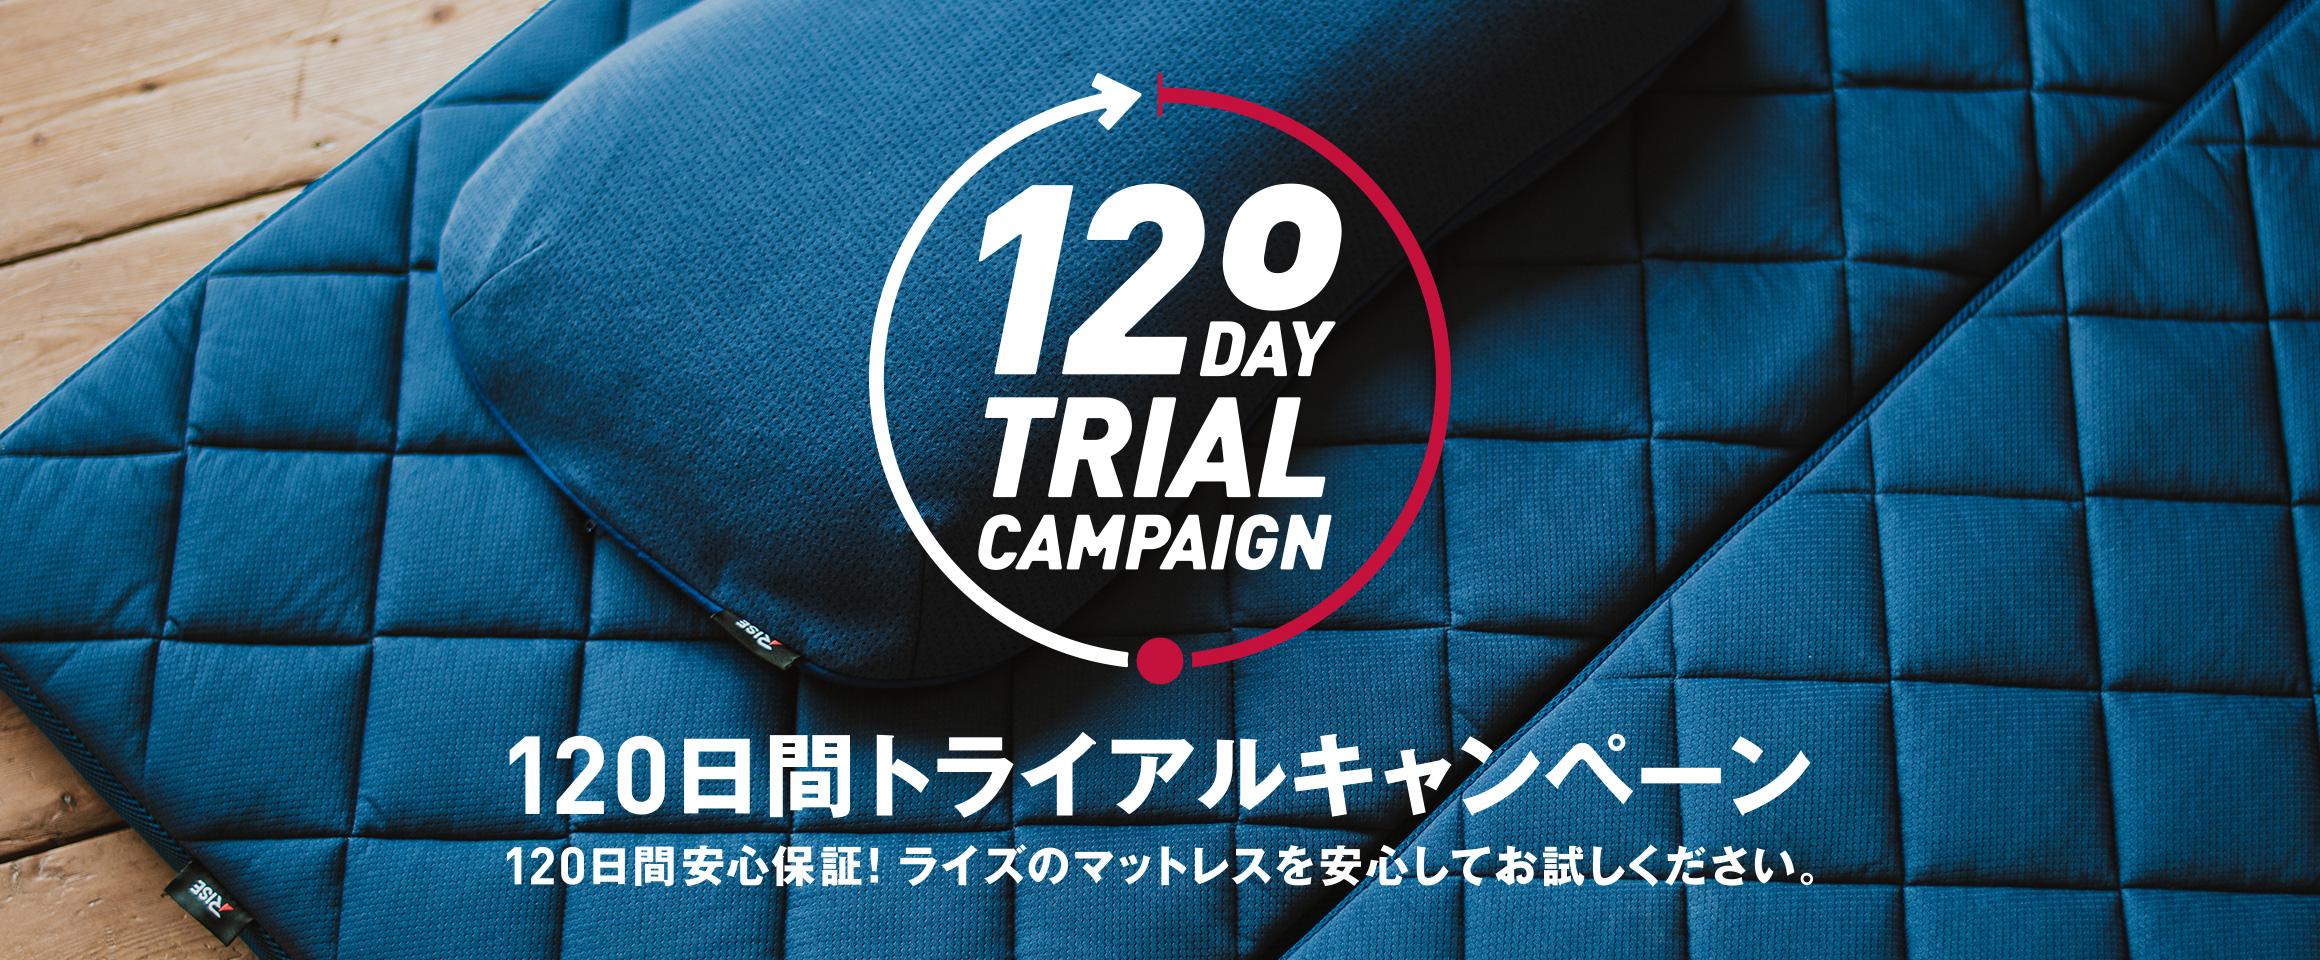 120日間トライアウキャンペーン